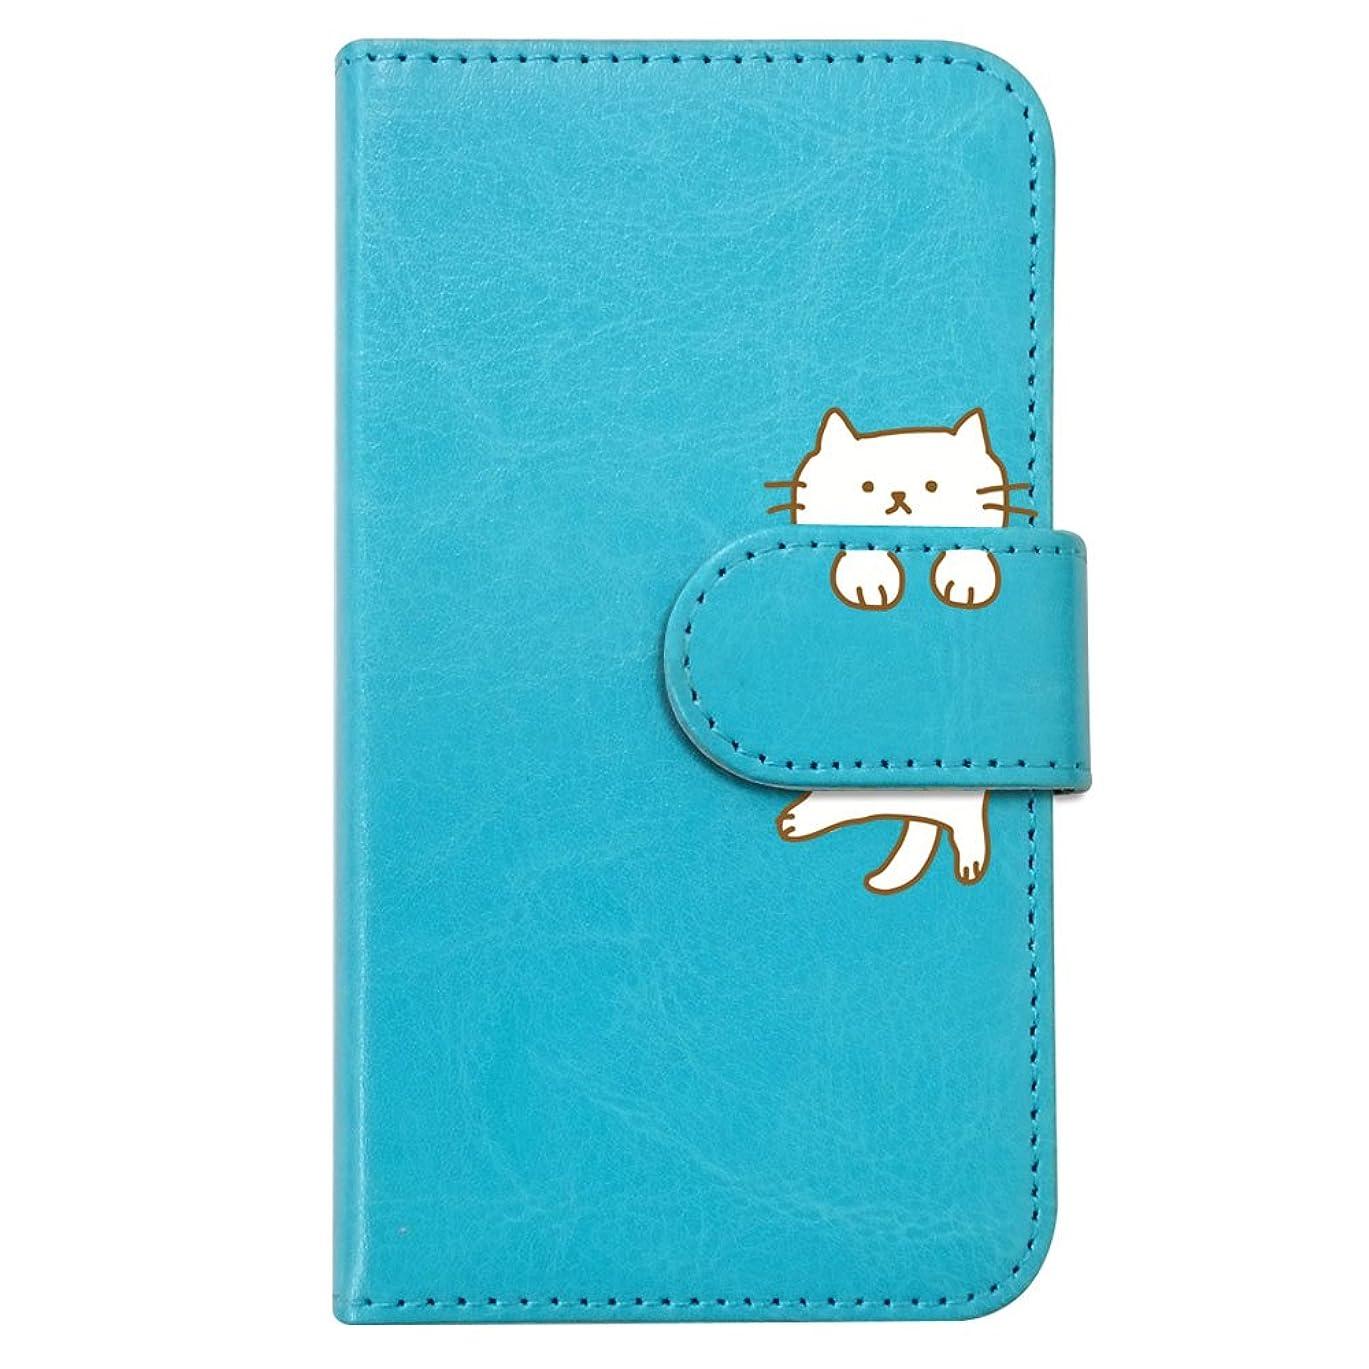 アシストスピリチュアルよろしく【moimoikka】 iPod touch6 アイポッドタッチ6 手帳型 スマホ ケース ねこ 動物 キャラクター かわいい (ブルー) 猫 アニマル ダイアリータイプ 横開き カード収納 フリップ カバー スマートフォン モイモイッカ もいもいっか sslink